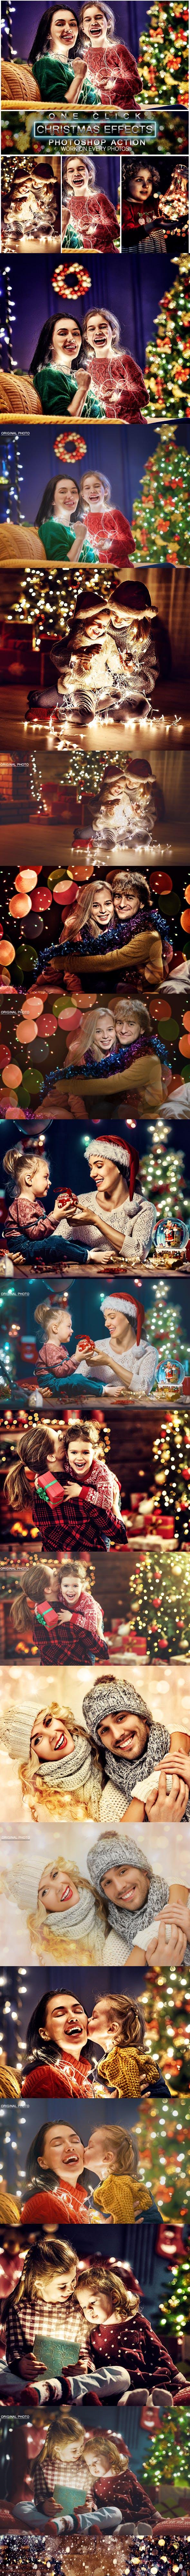 Скачать [Graphicriver] Christmas Photoshop Action (2018), Отзывы Складчик » Архив Складчин